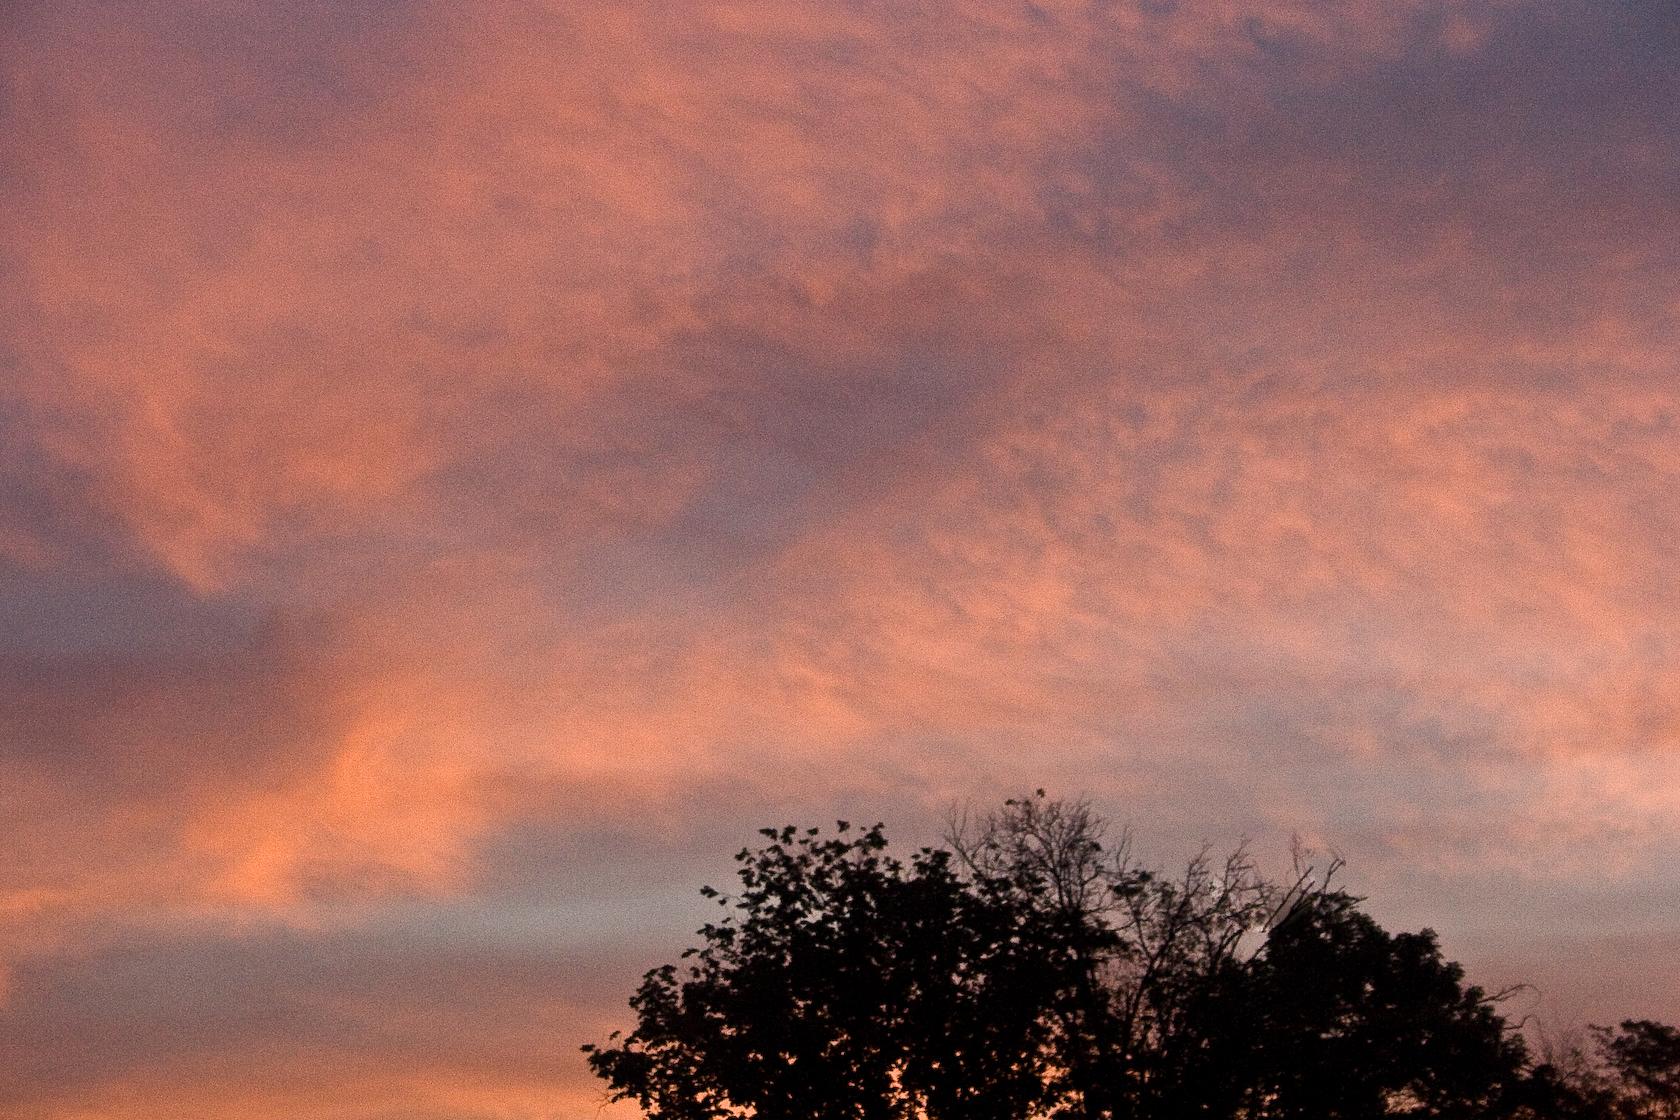 Sunset Glory #5